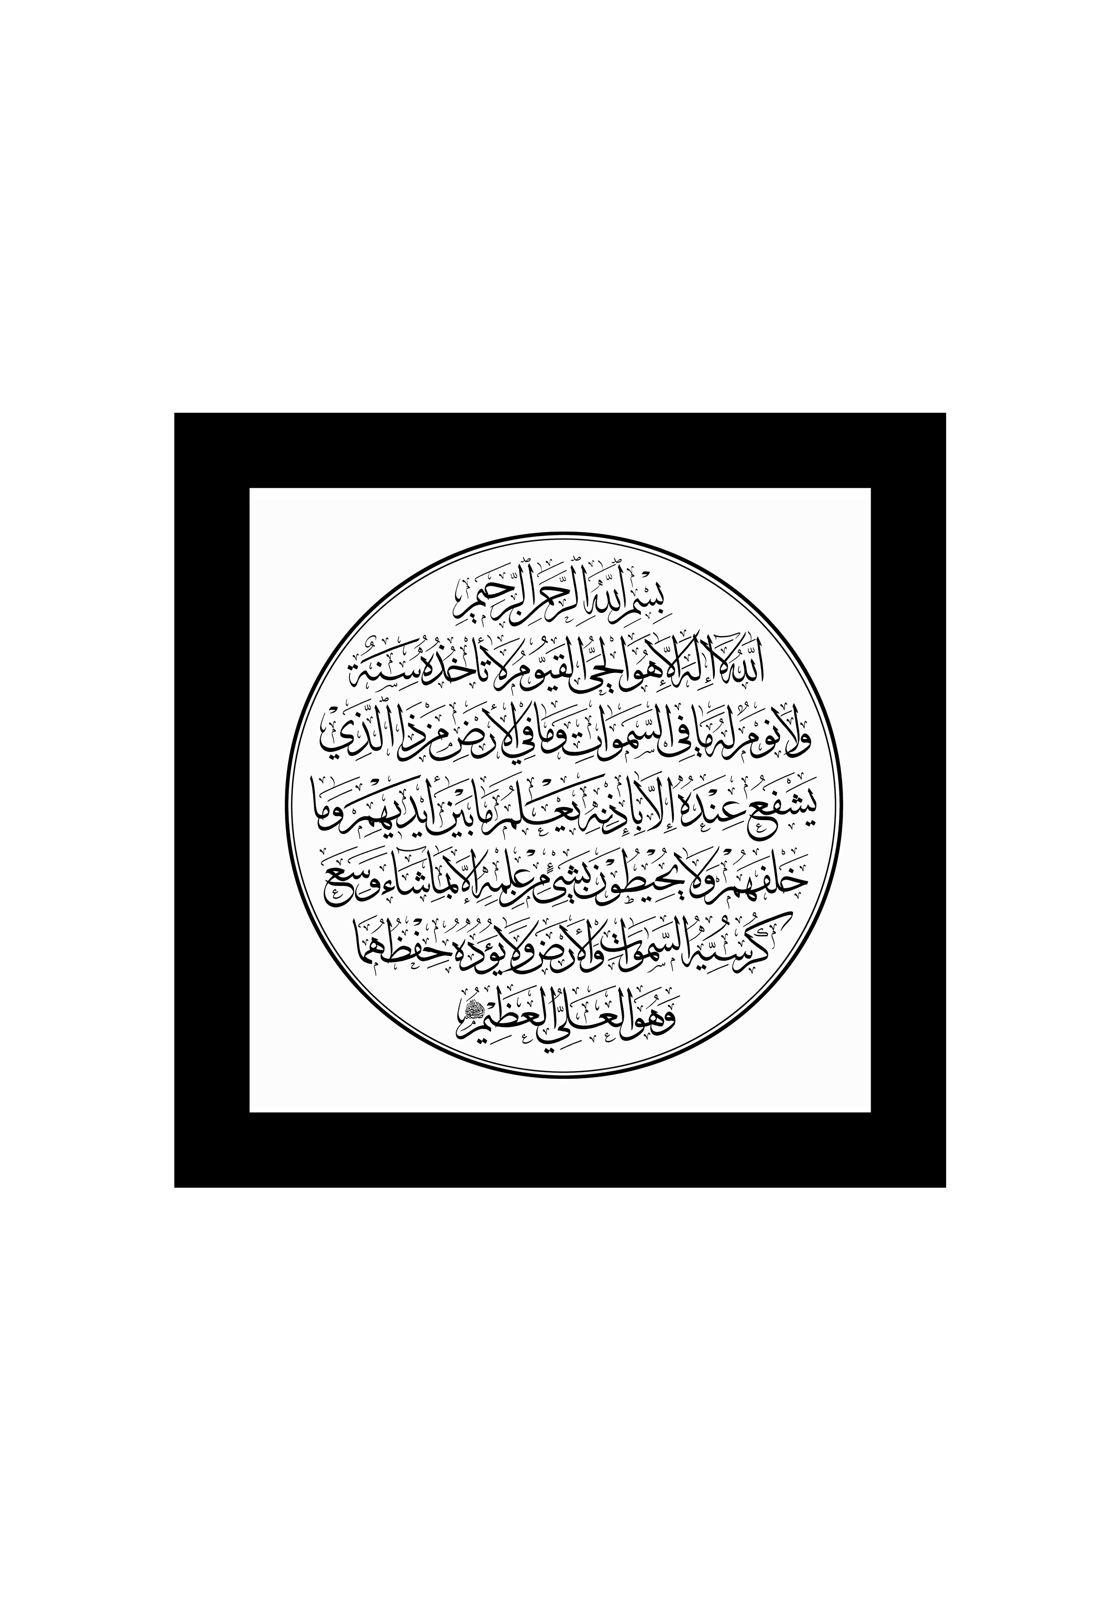 ayat al kursi_opt